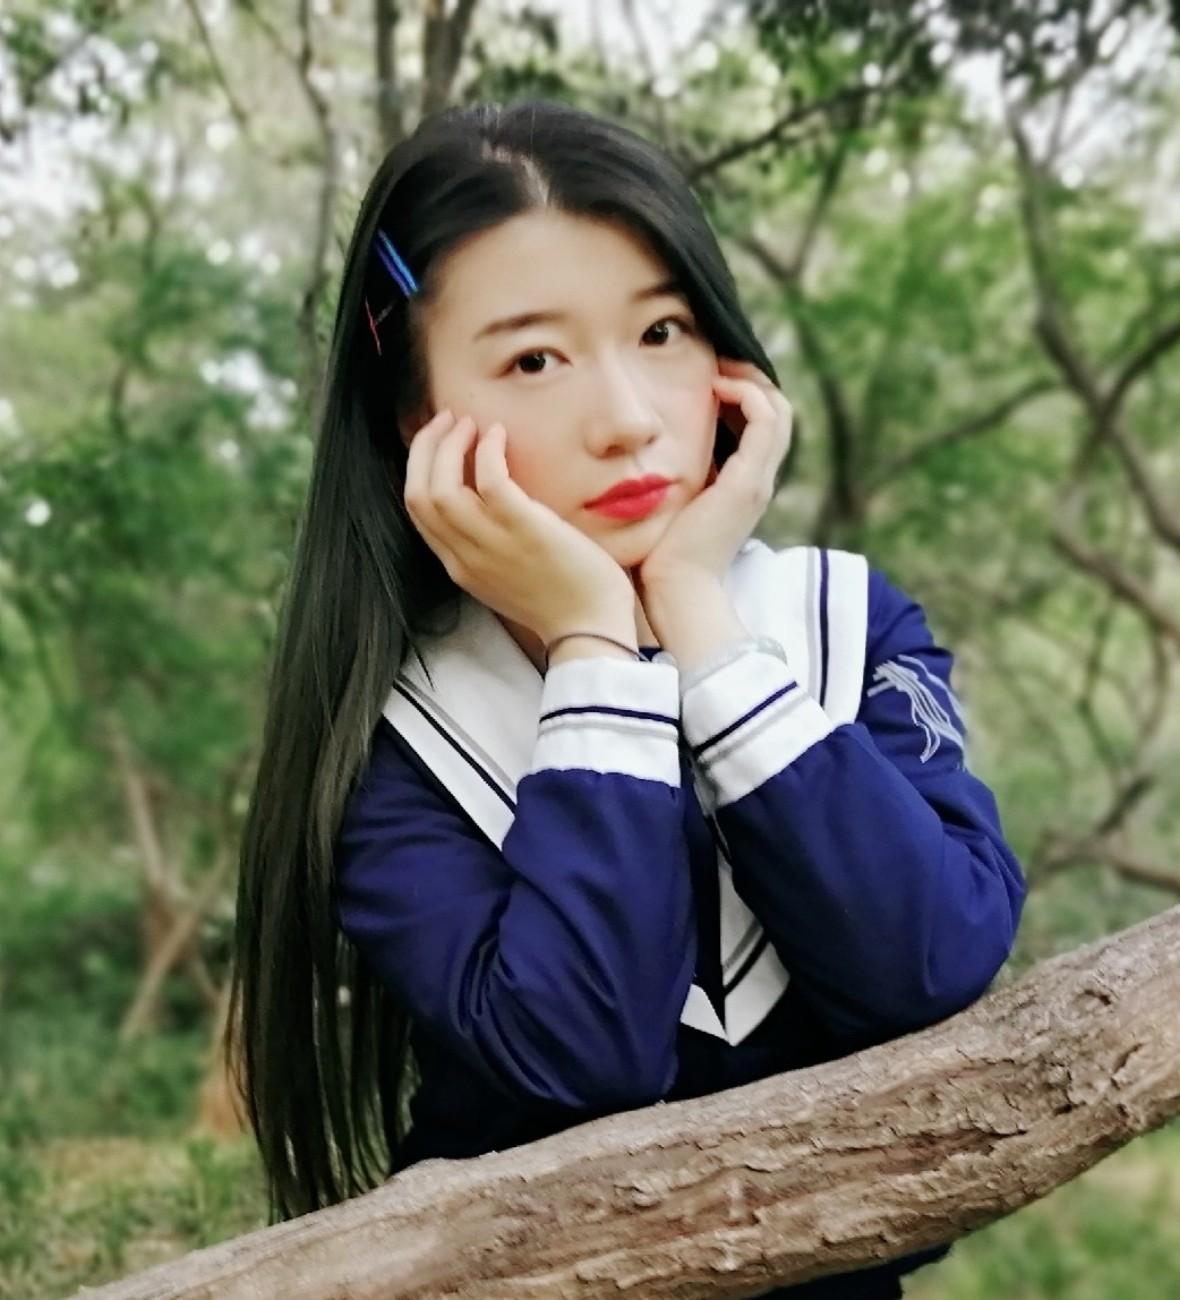 【花粉女生荣耀20i体验】5.1避开人群拍拍拍,花粉女生-花粉俱乐部